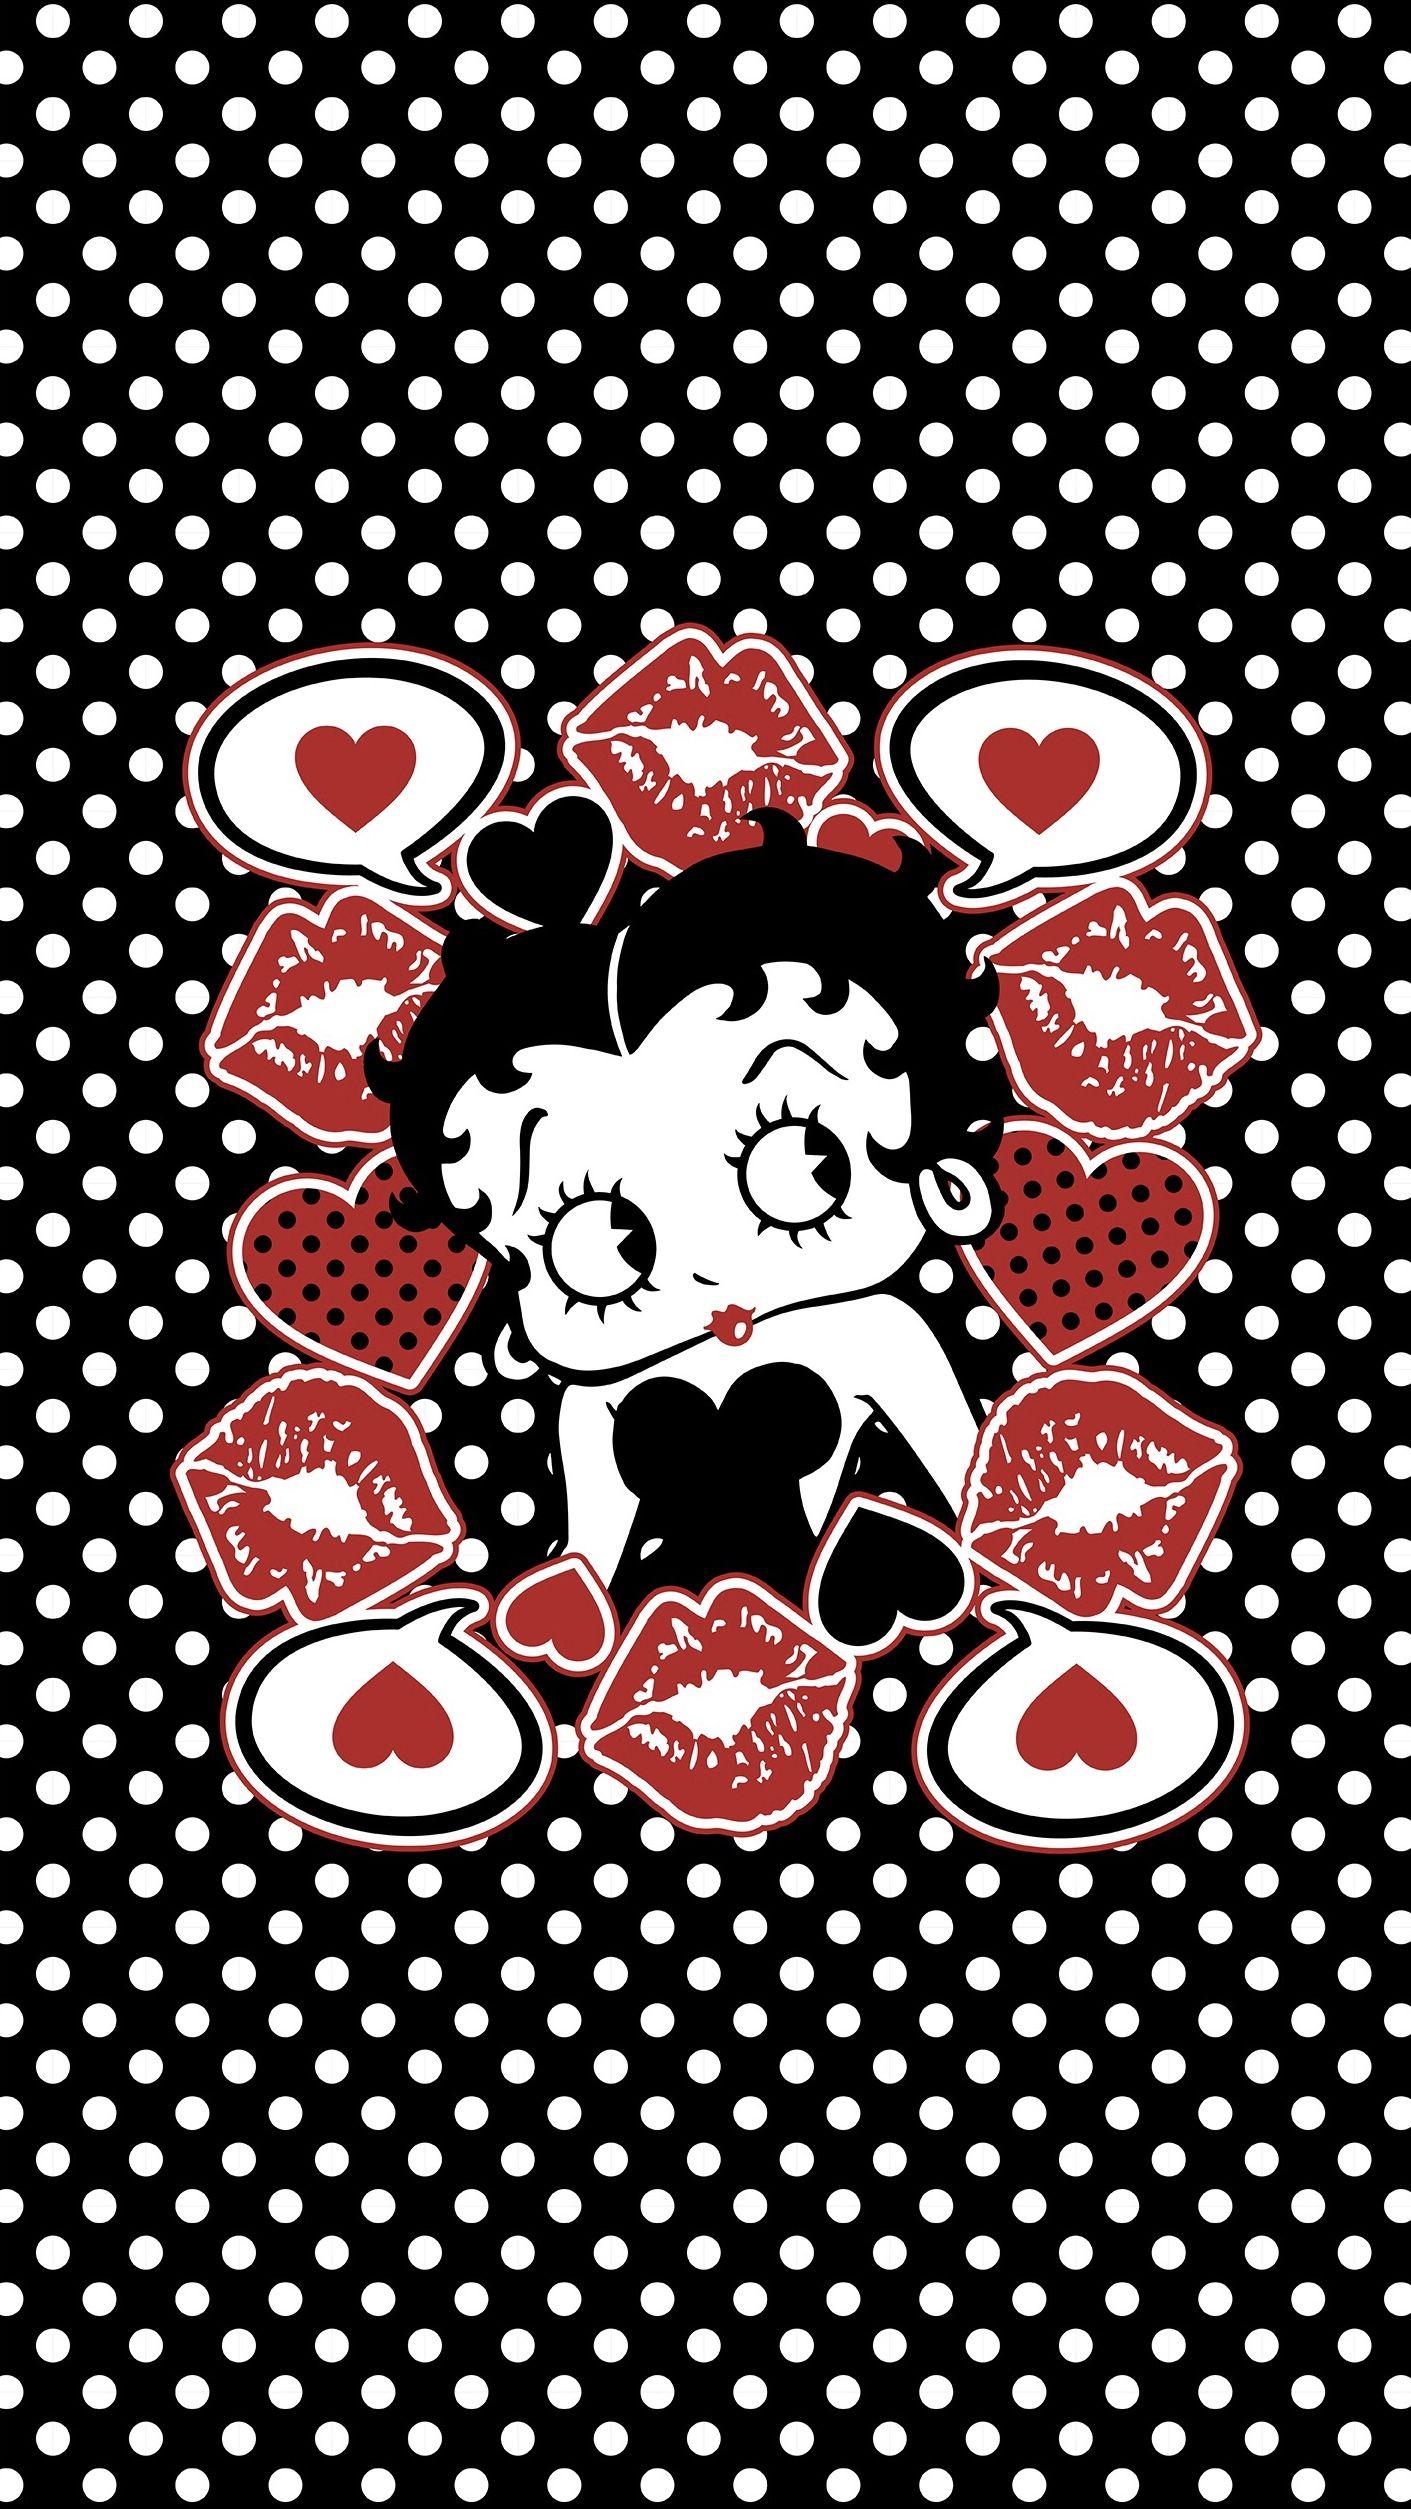 Betty Boop Glitter Wallpaper Betty Boop Matching Wallpaper